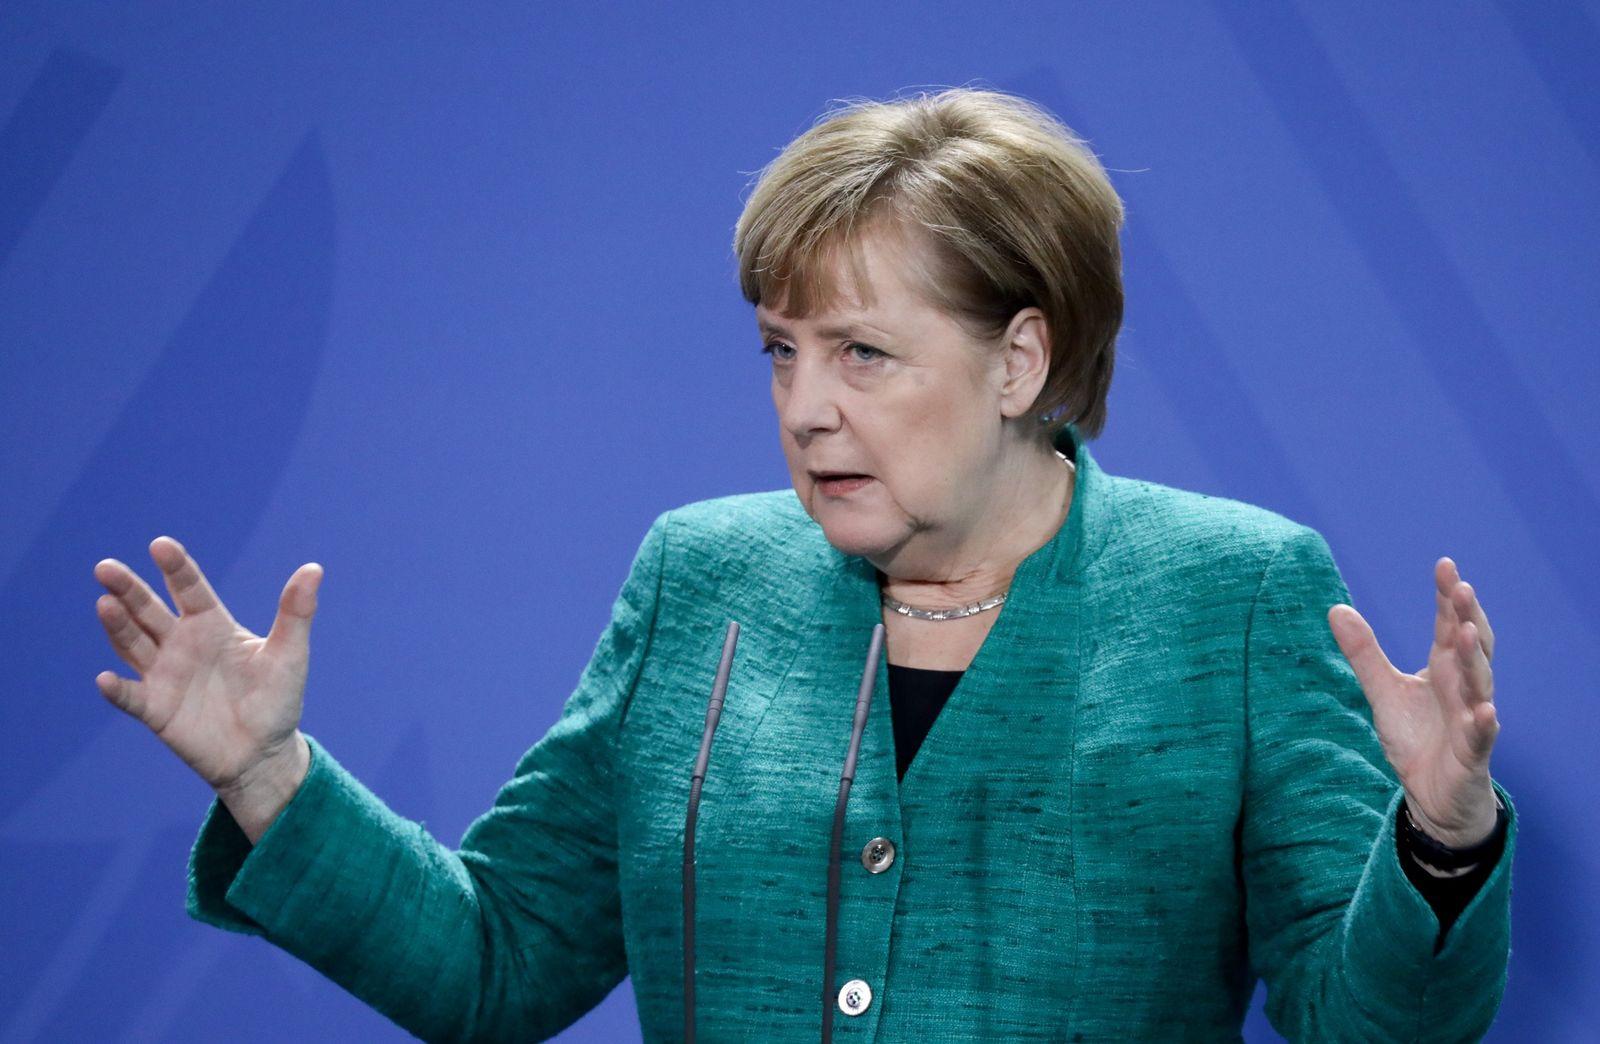 Österreichischer Bundeskanzler in Berlin